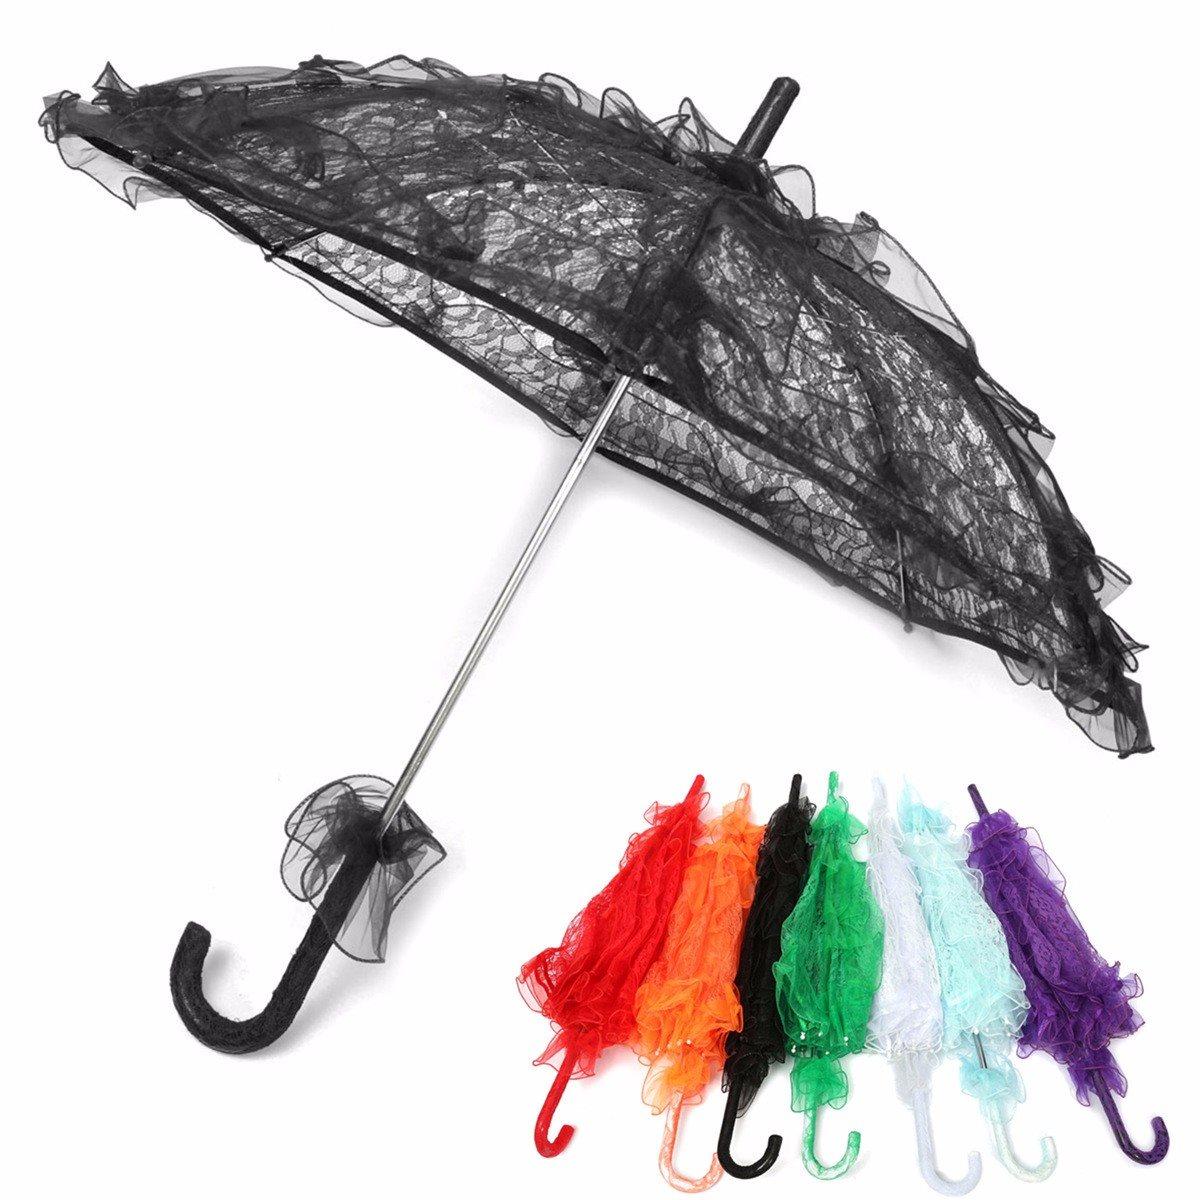 Casamento Nupcial Parasol Umbrella Multicolor Bordado Rendas de Algodão Decoração Fontes do Partido Photo Booth Prop(China (Mainland))